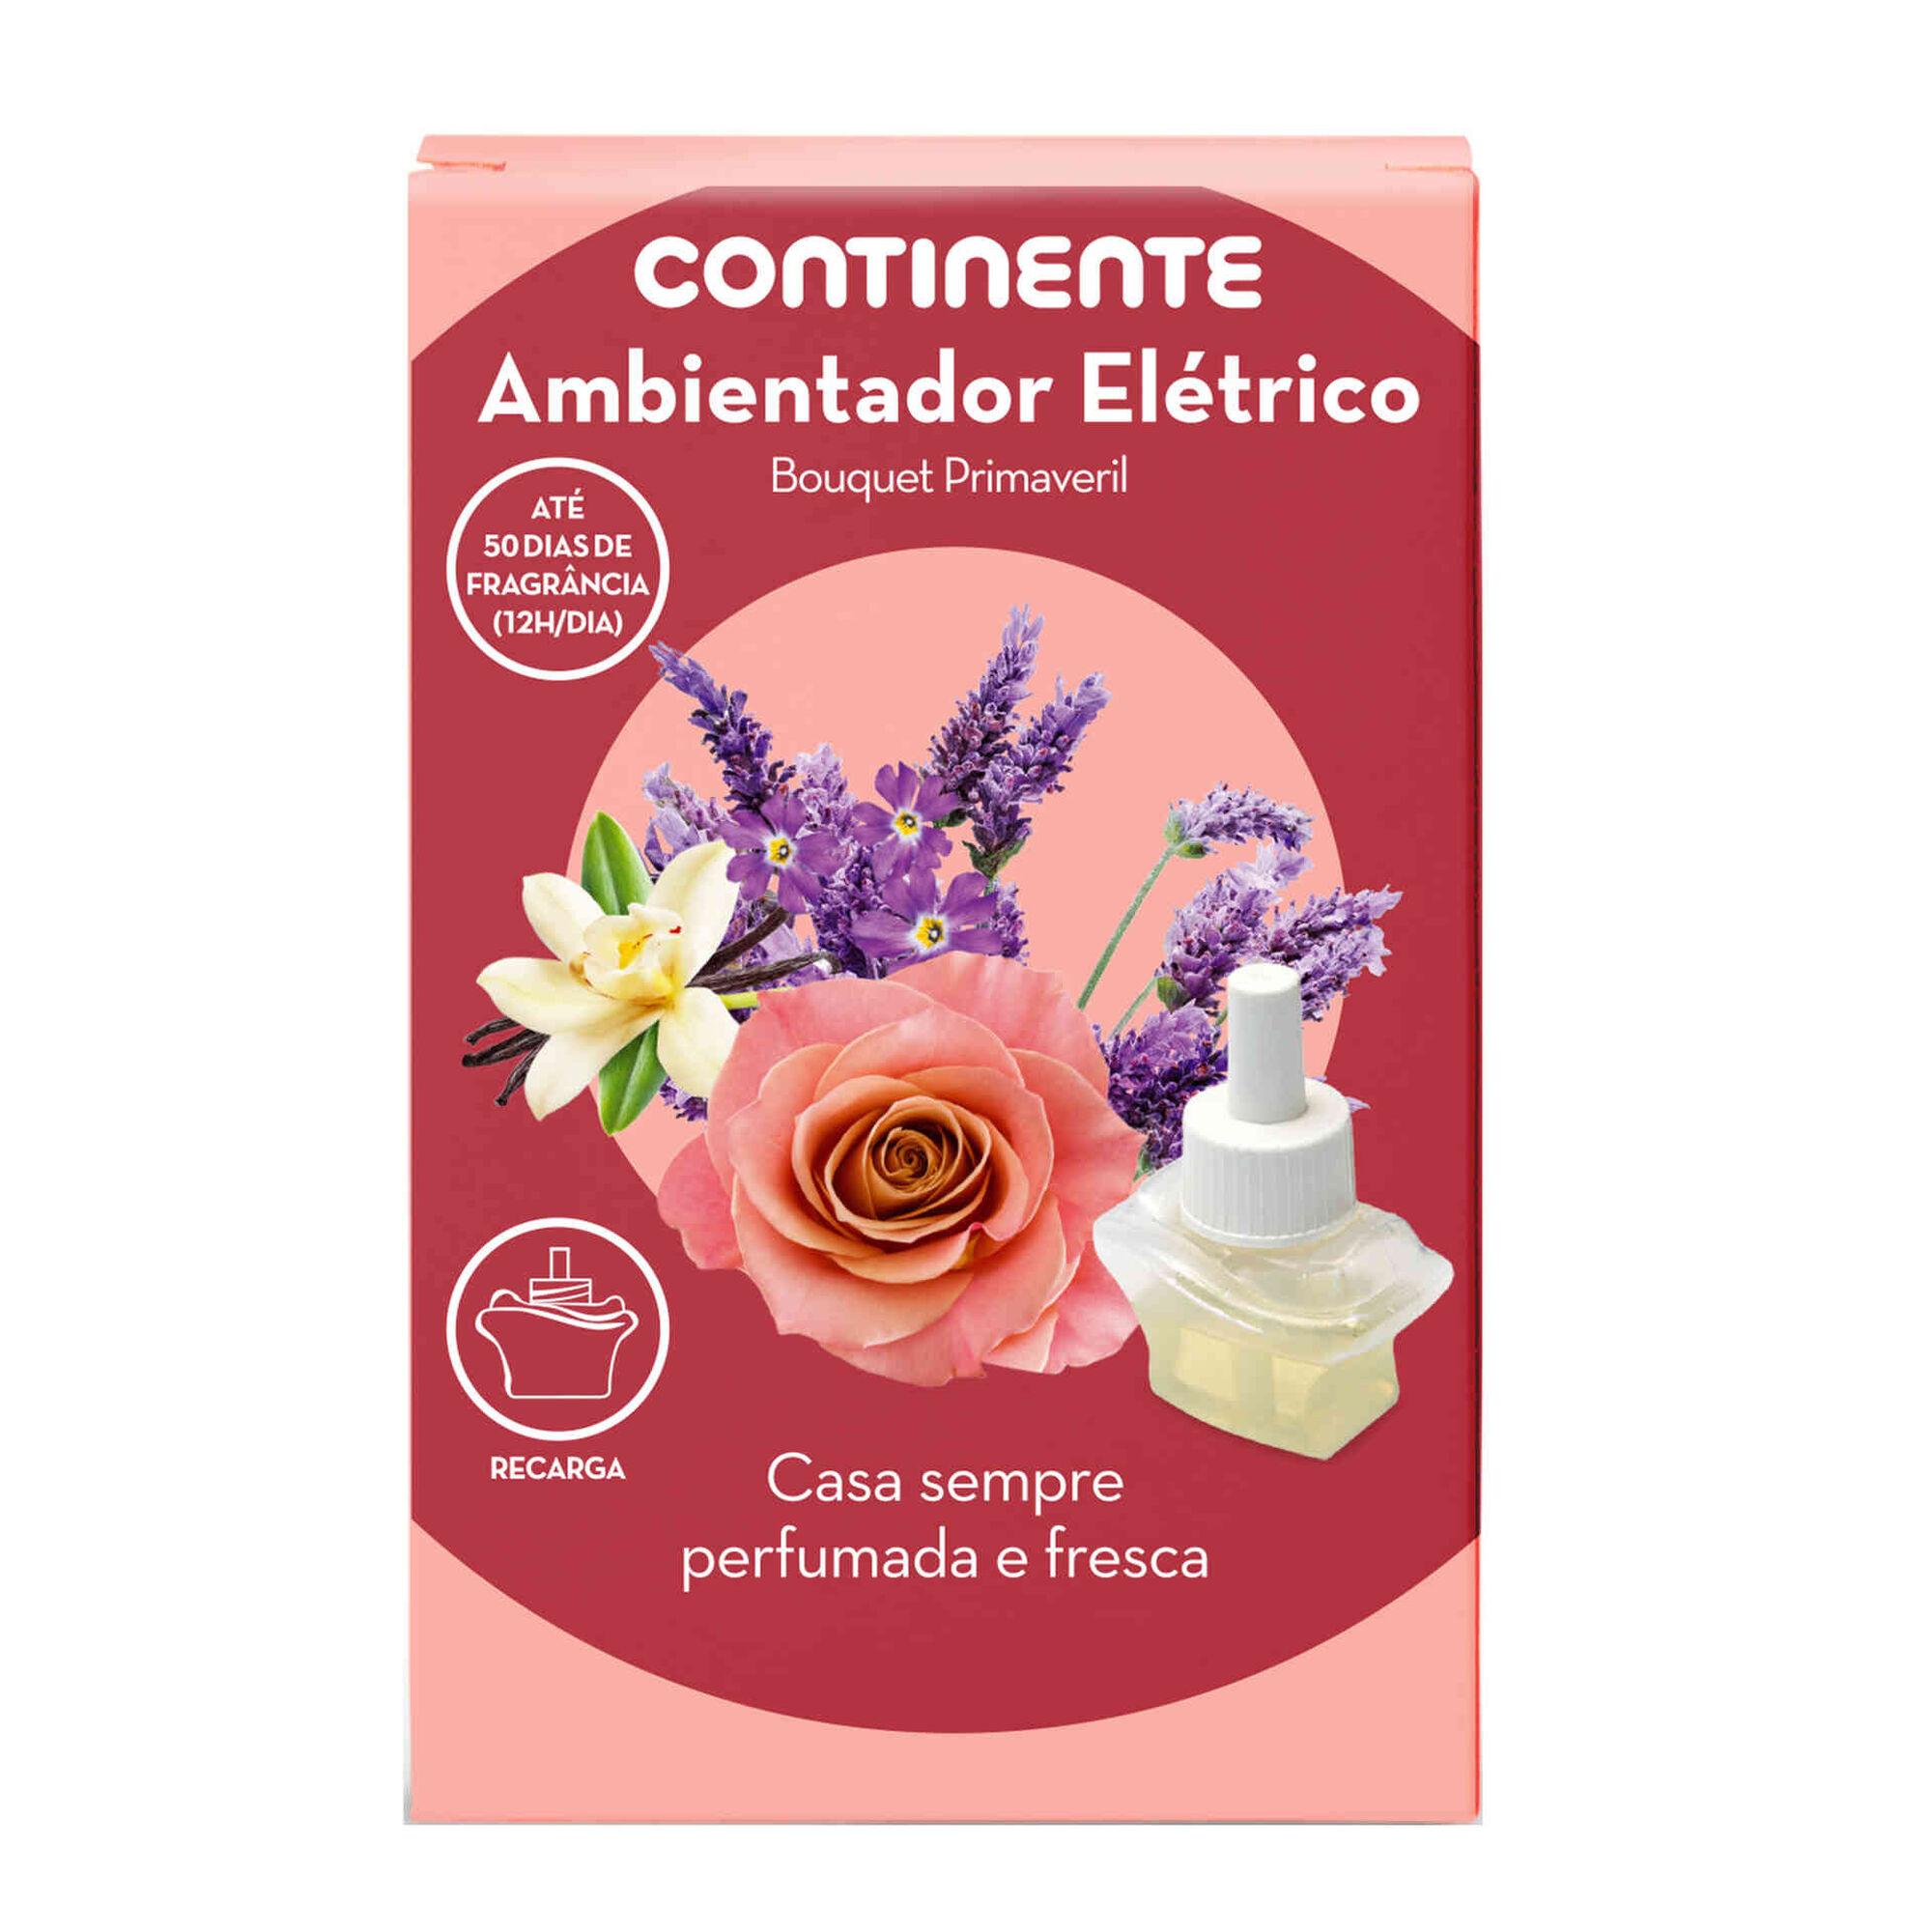 Ambientador Elétrico Recarga Bouquet Primaveril